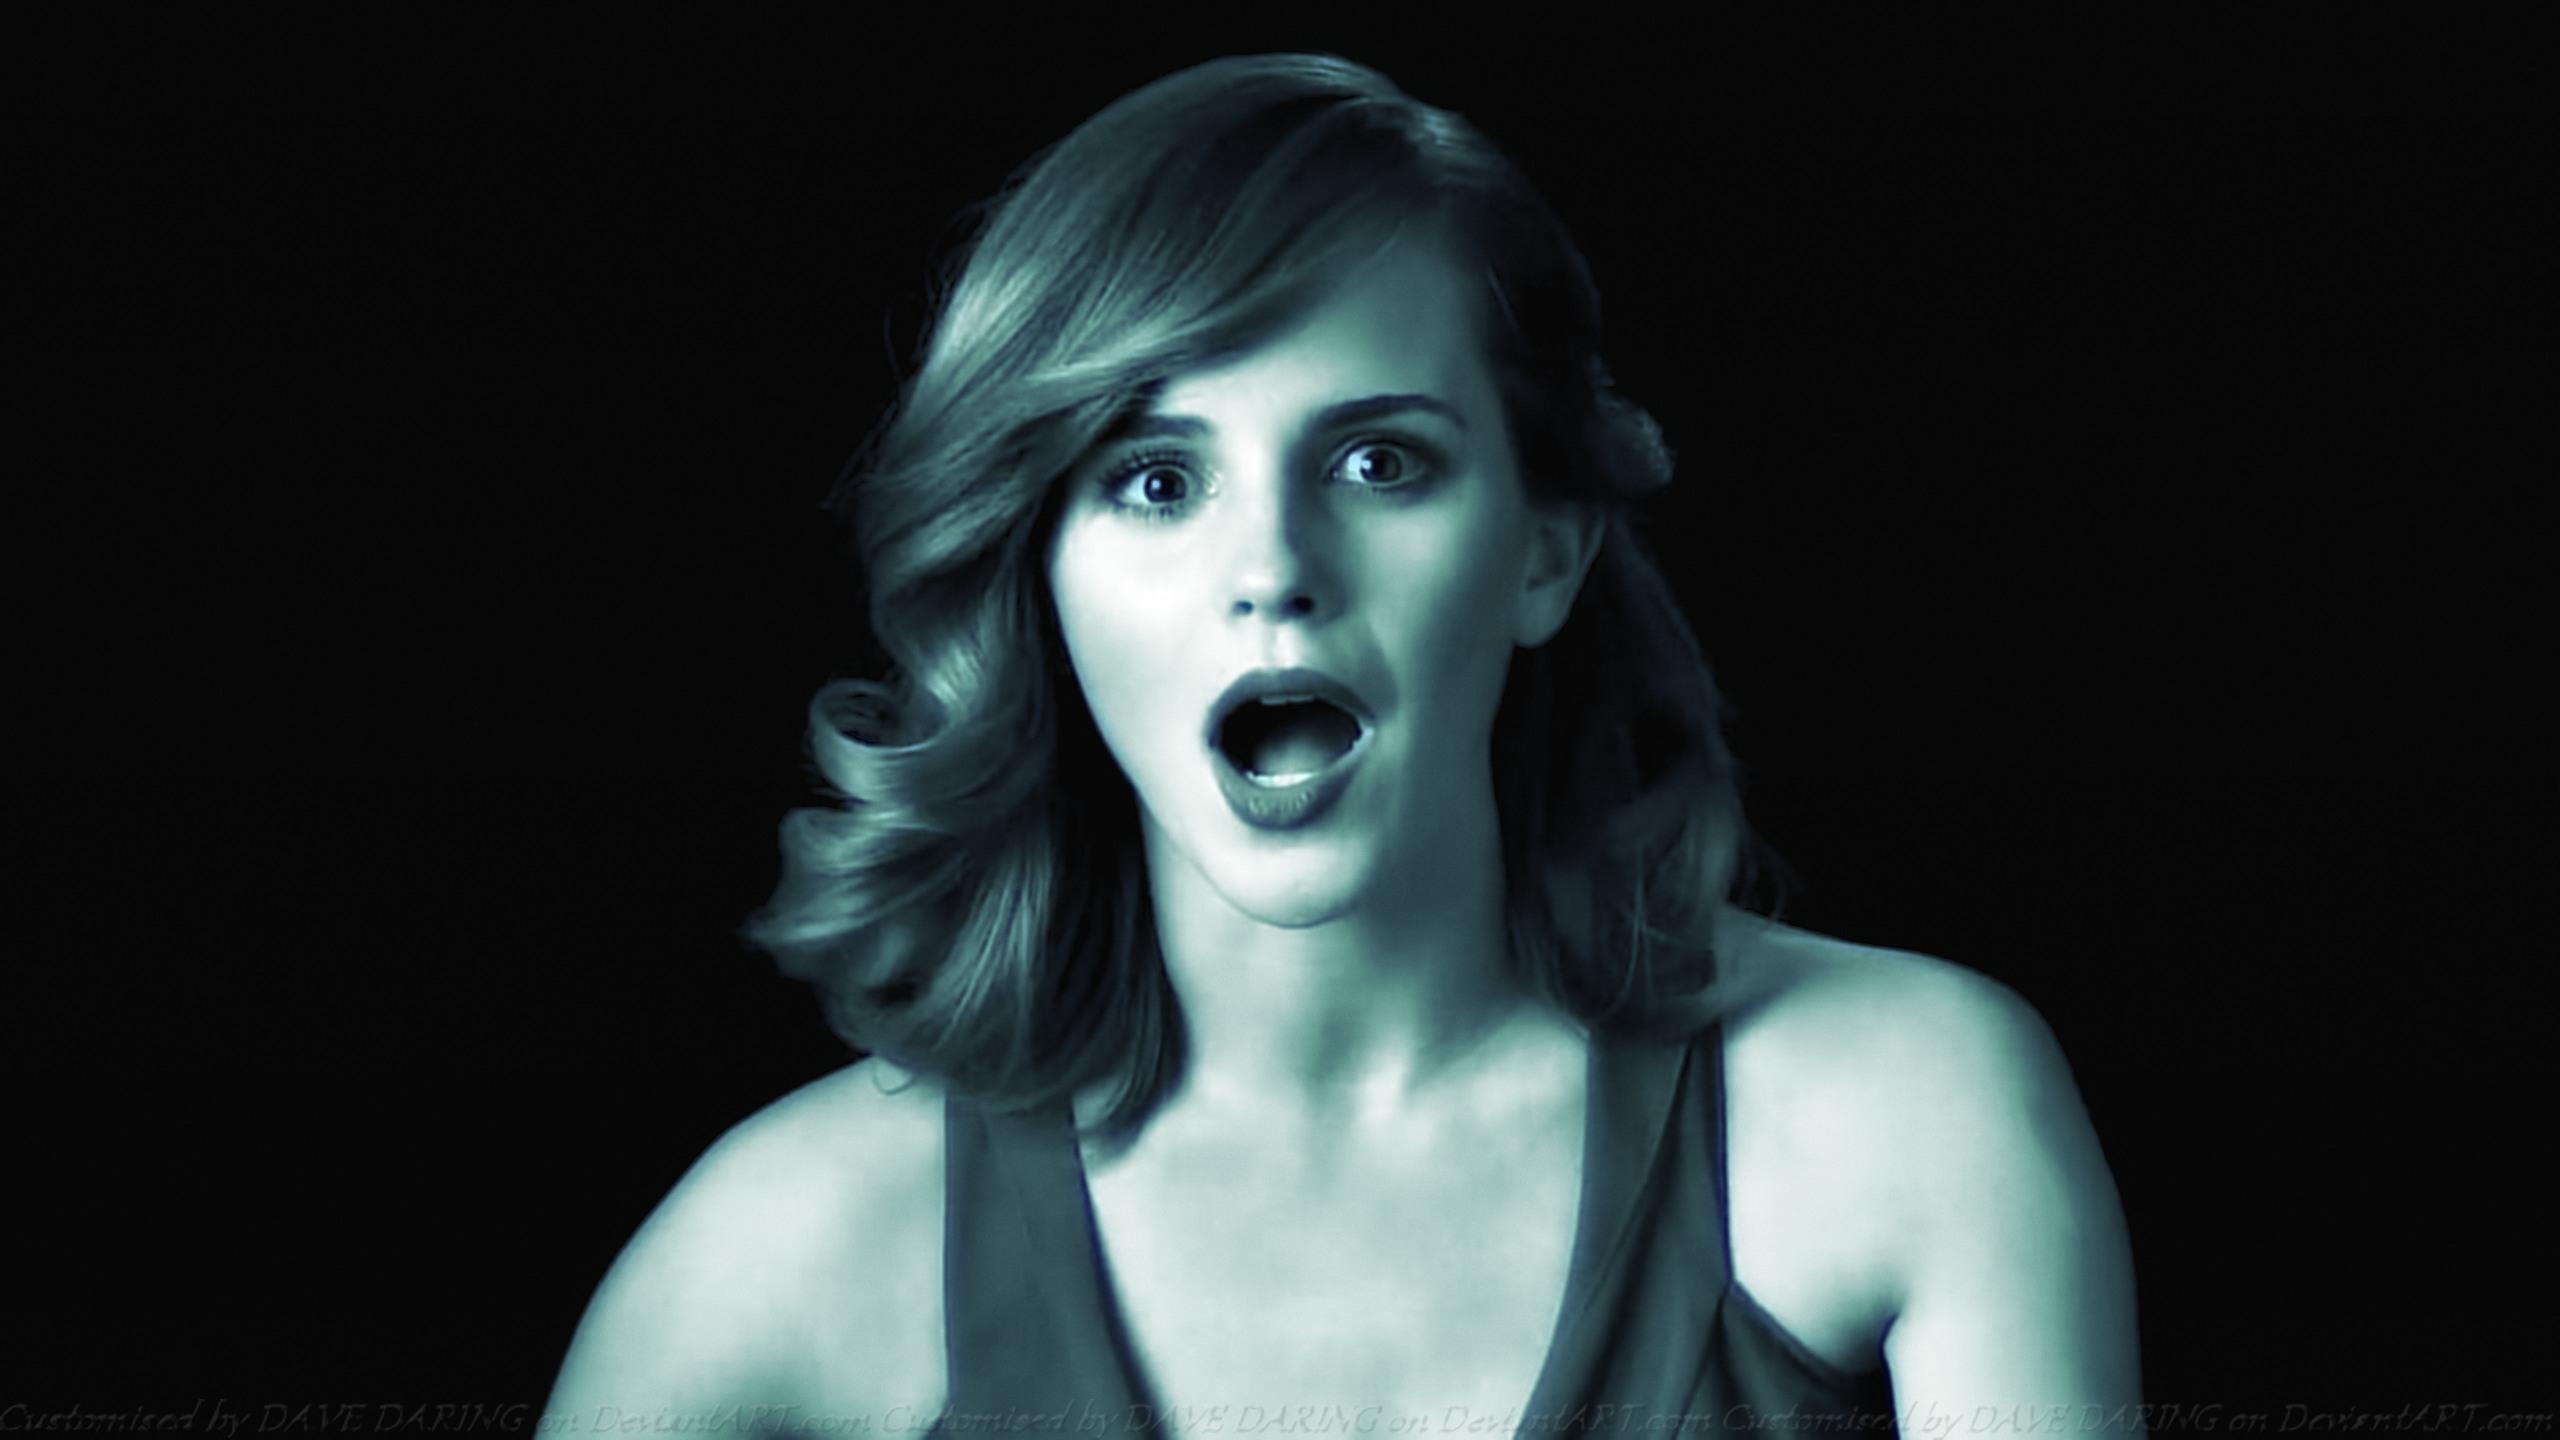 Emma-Watson-10-wallpapers--05.jpg